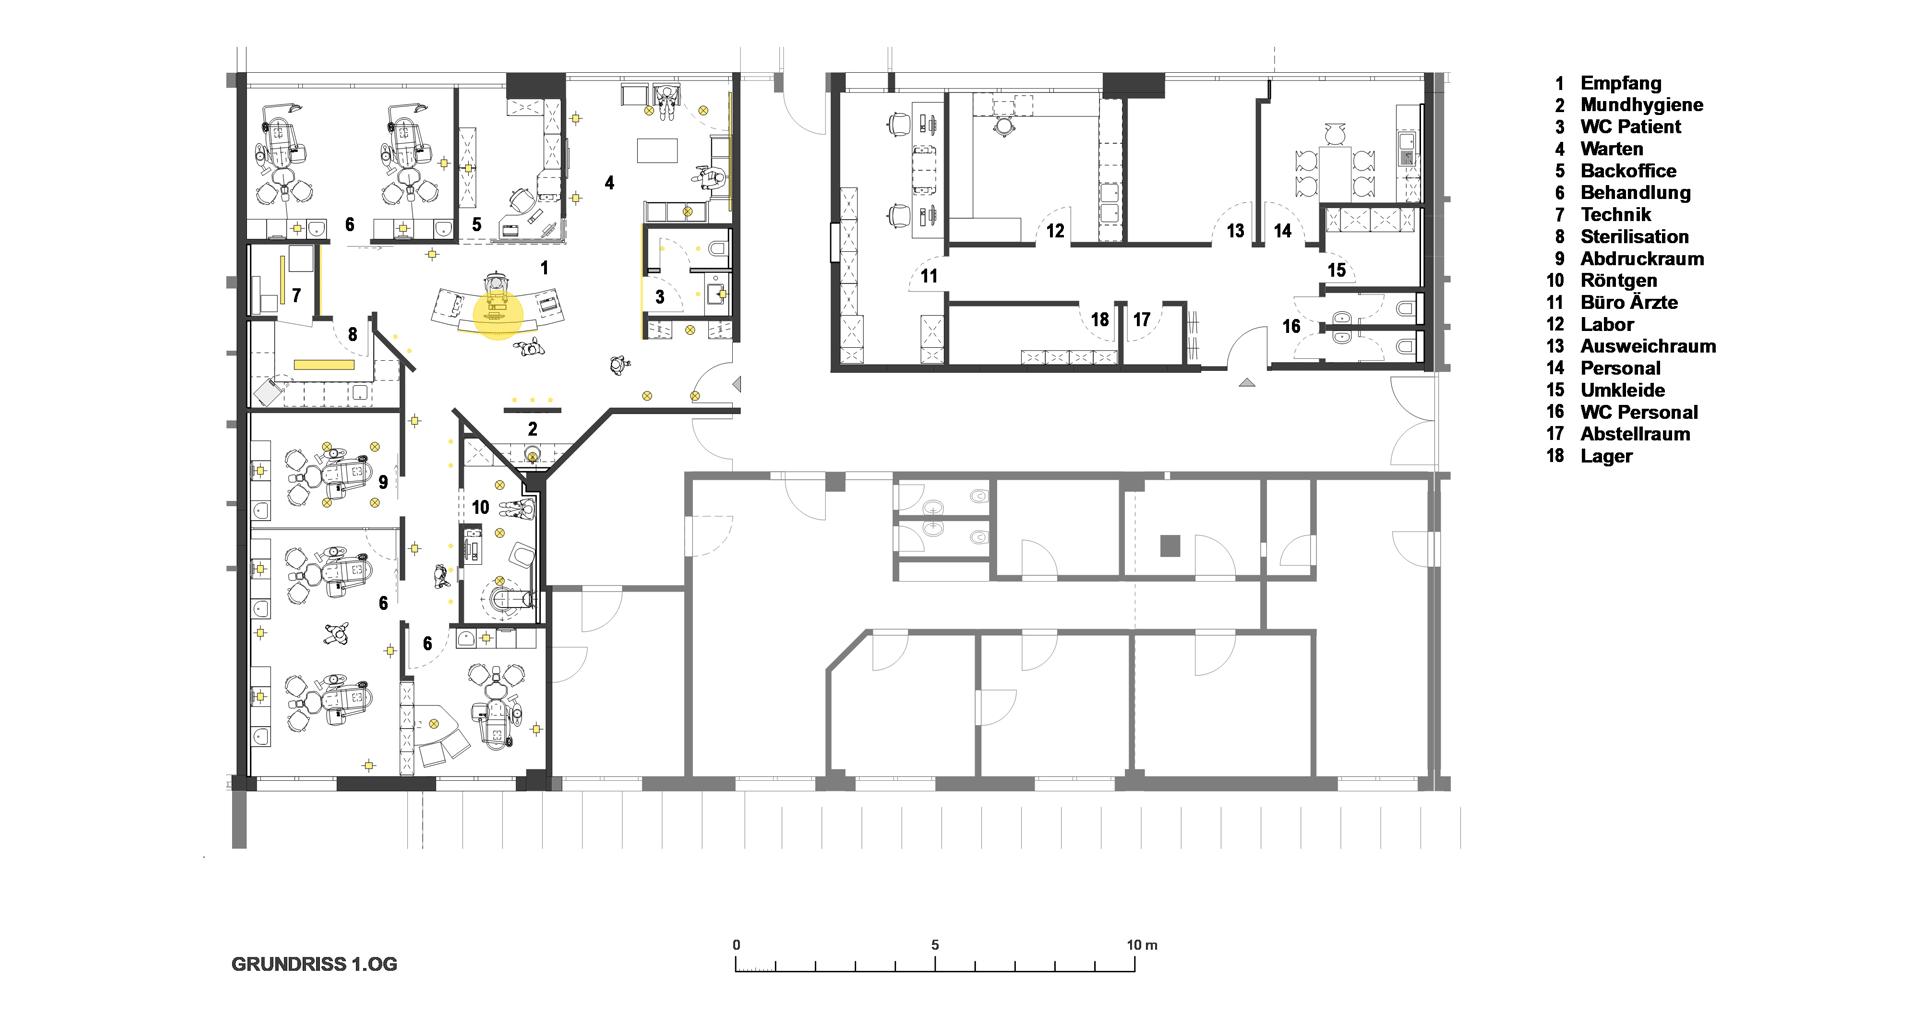 Kieferorthopädie Praxis in Fürstenfeldbruck / Grundriss